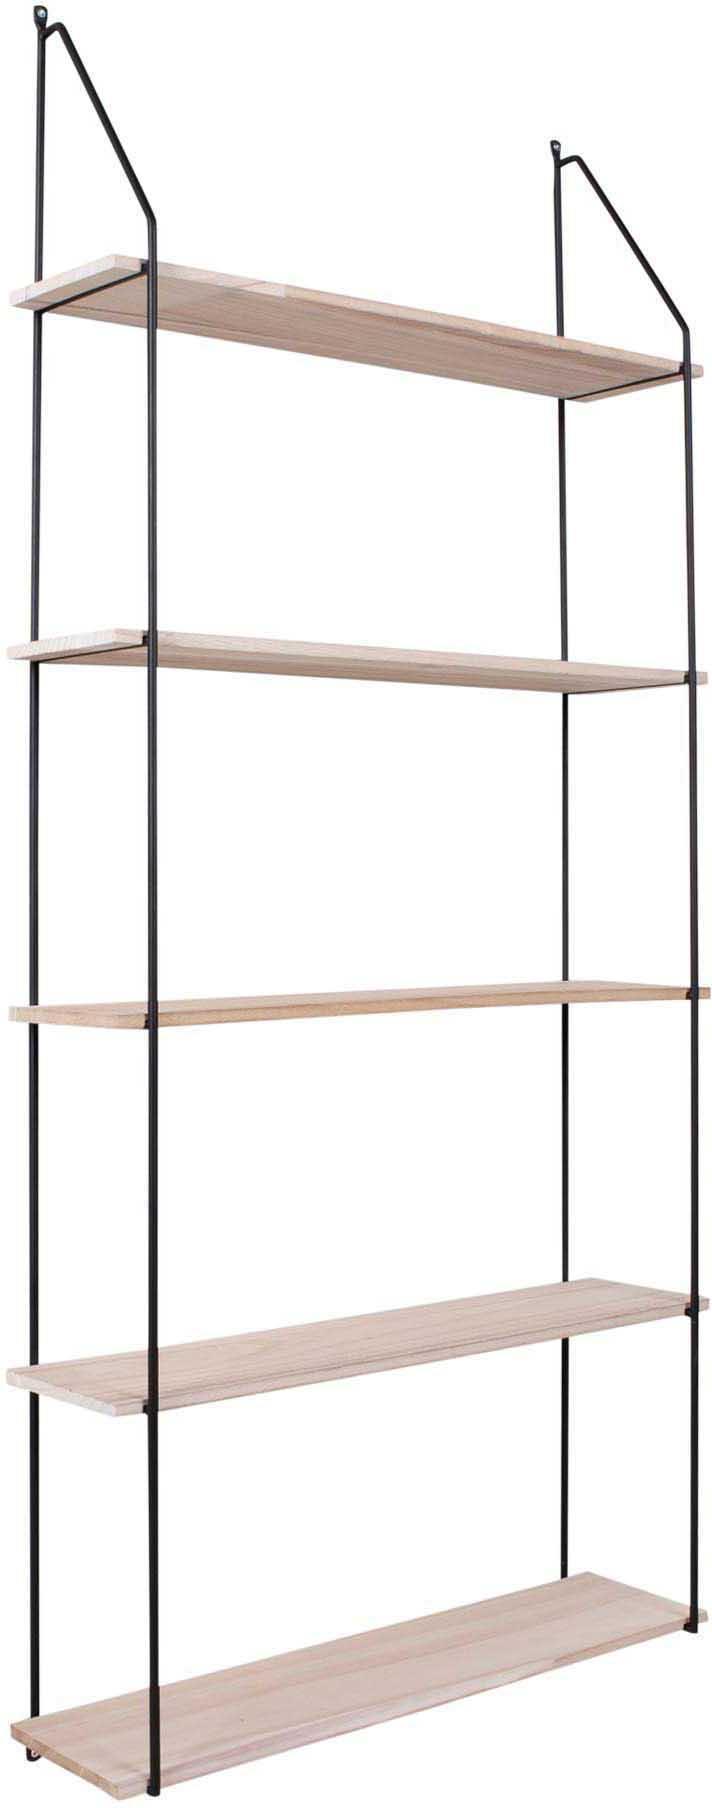 Wandregal Eindhoven aus Holz und Metall, Gestell: Stahl, beschichtet, Einlegeböden: Paulowniaholz, Schwarz, Paulowniaholz, 65 x 145 cm